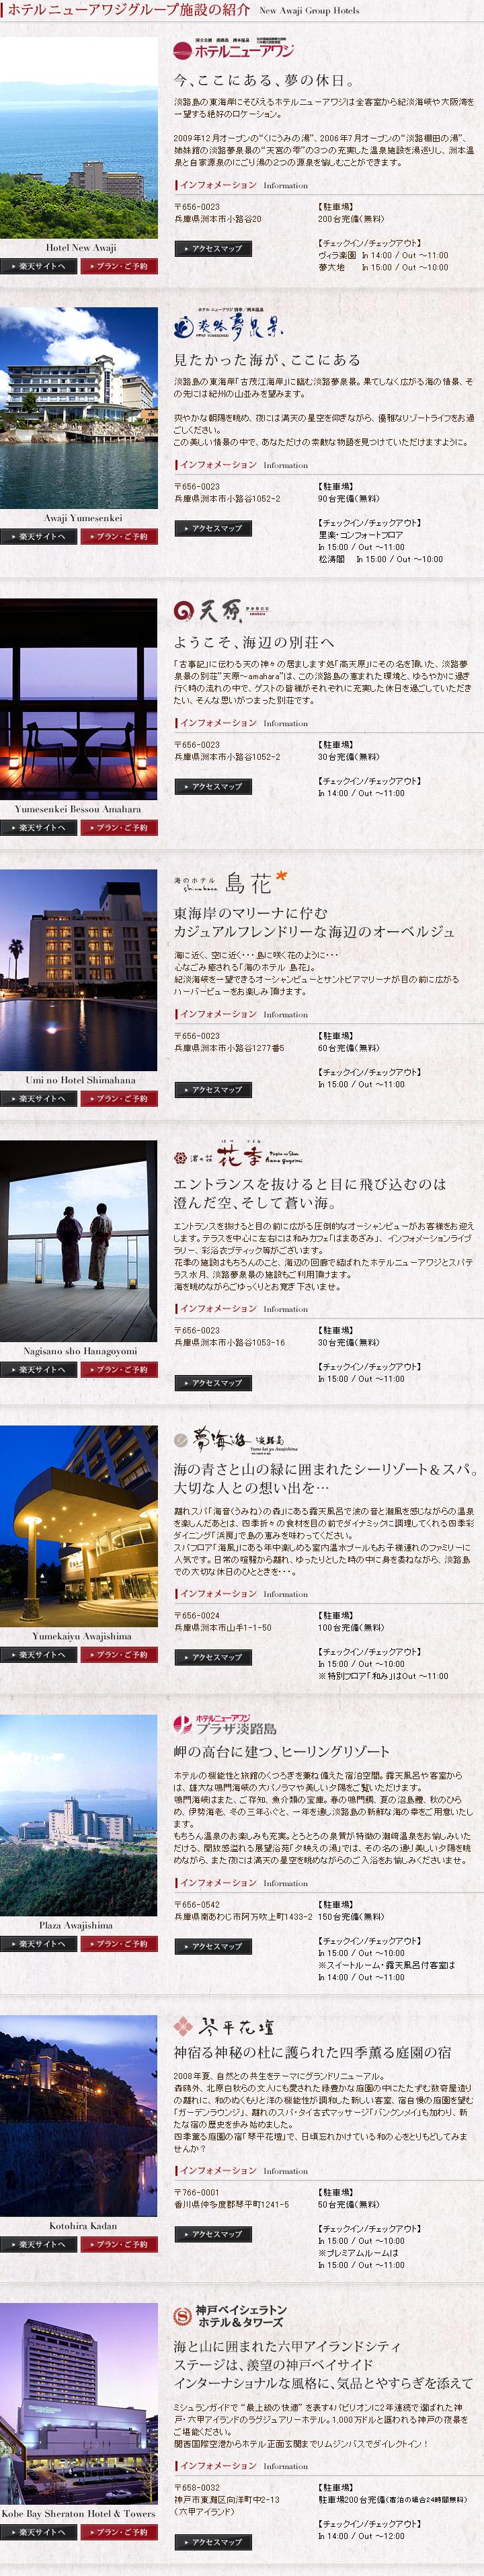 ホテルニューアワジグループ施設の紹介 New Awaji Group Hotels